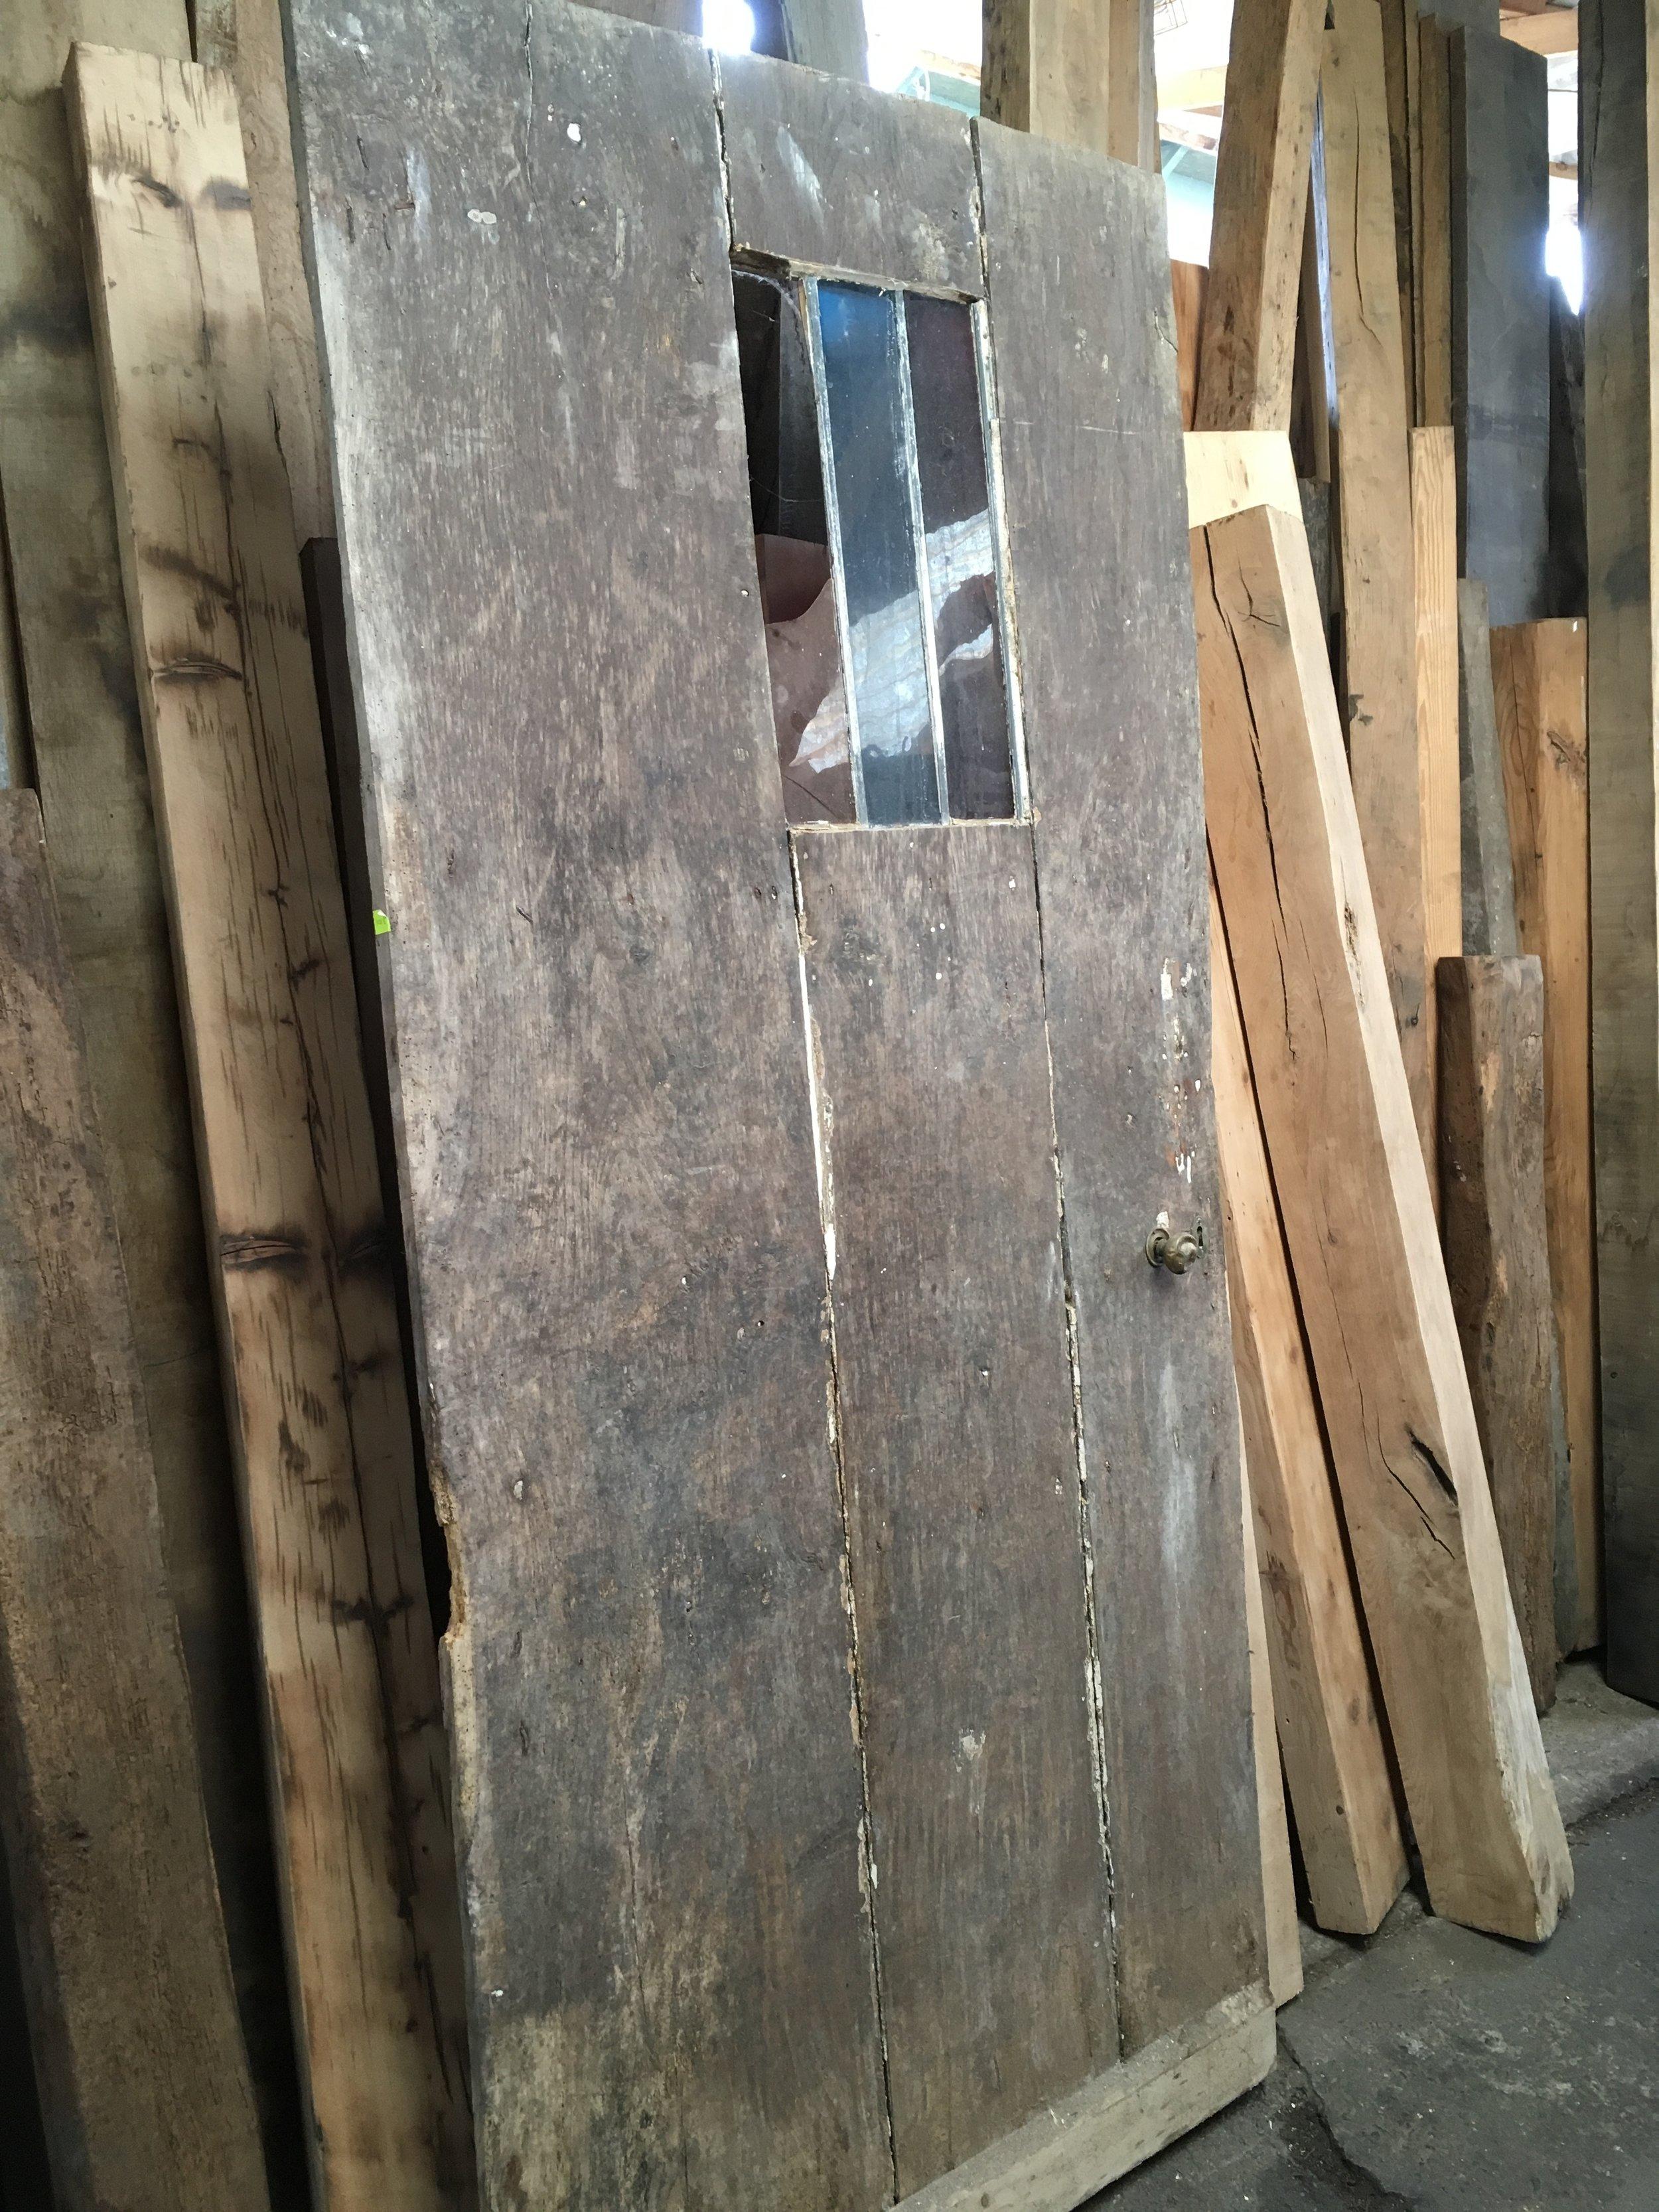 The door before restoration